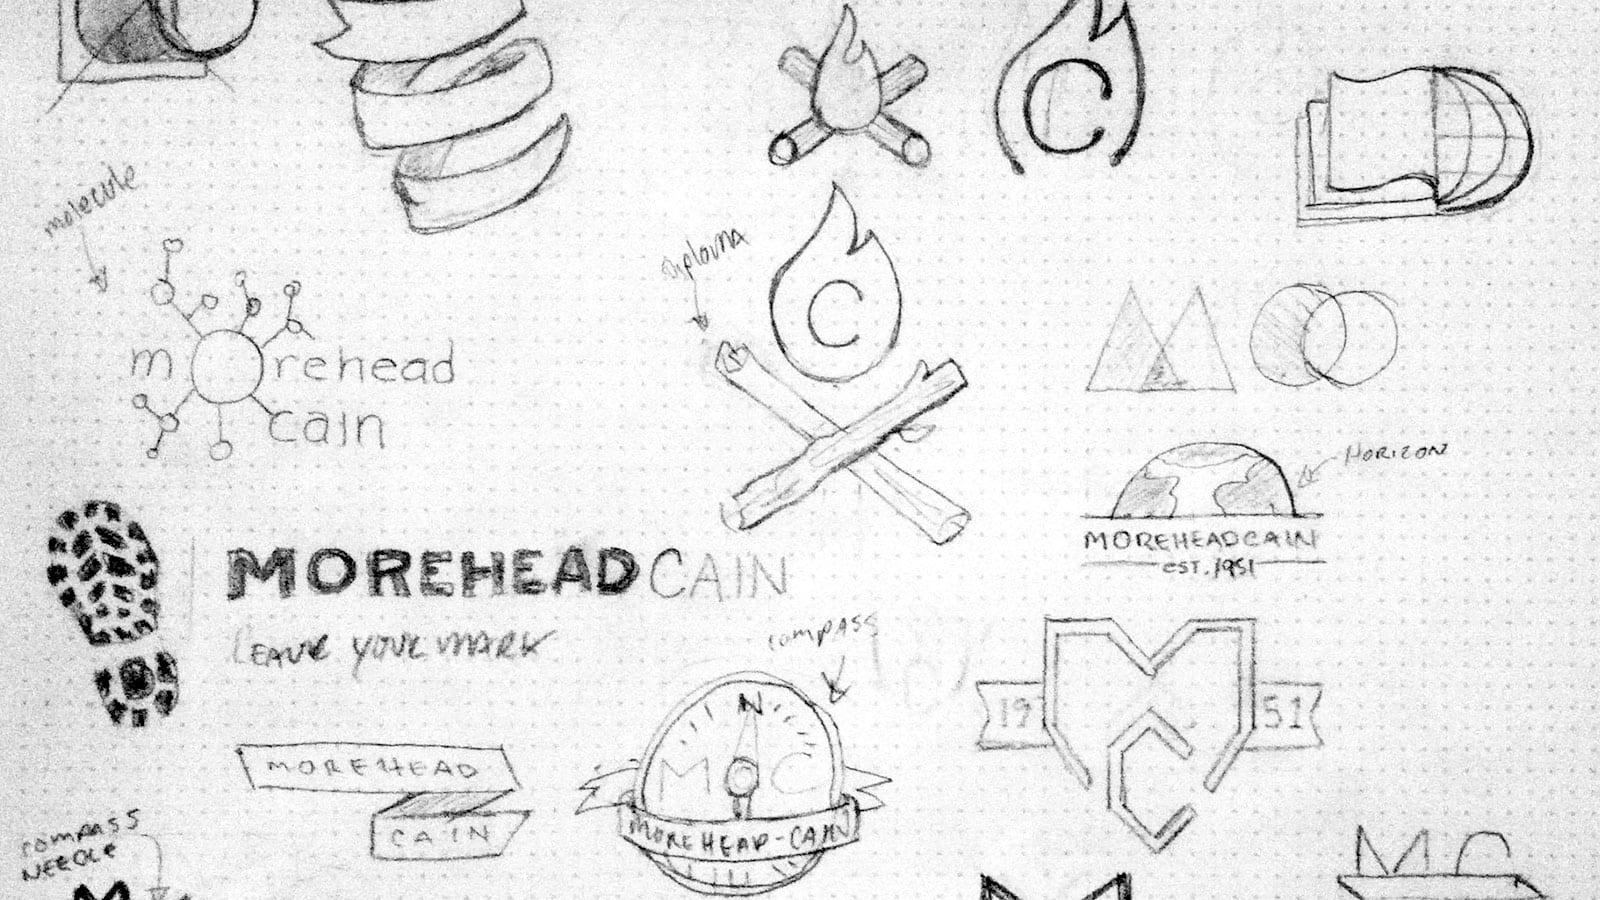 MC_LogoSketches_1